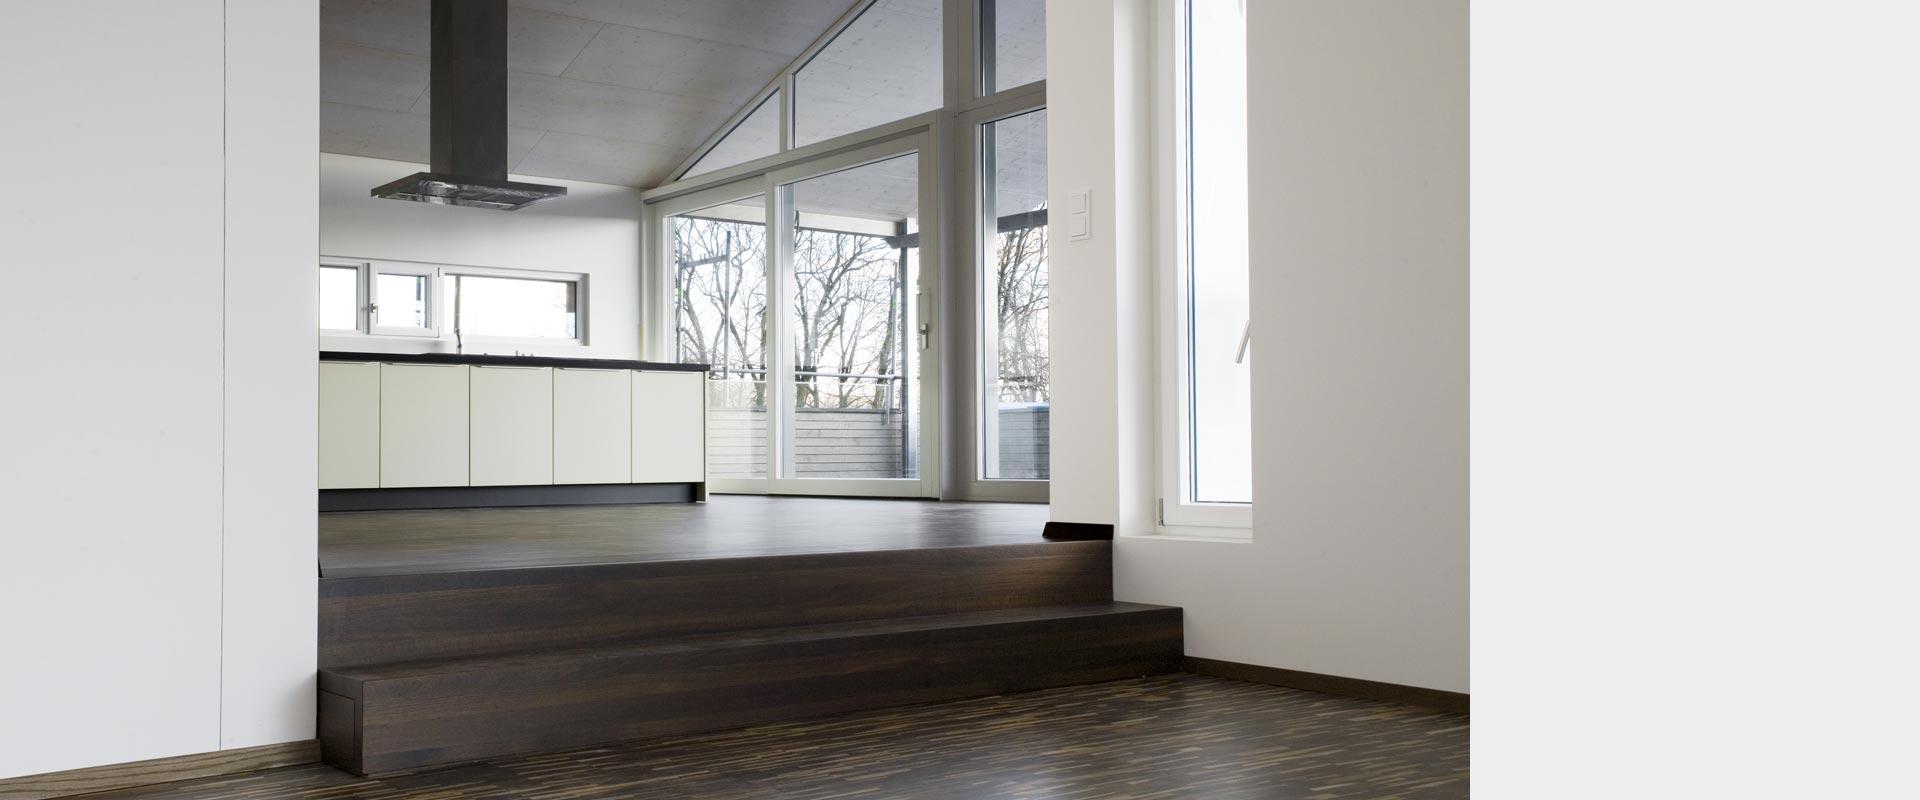 architekturbuero_henning_musahl_waldshut_walz02